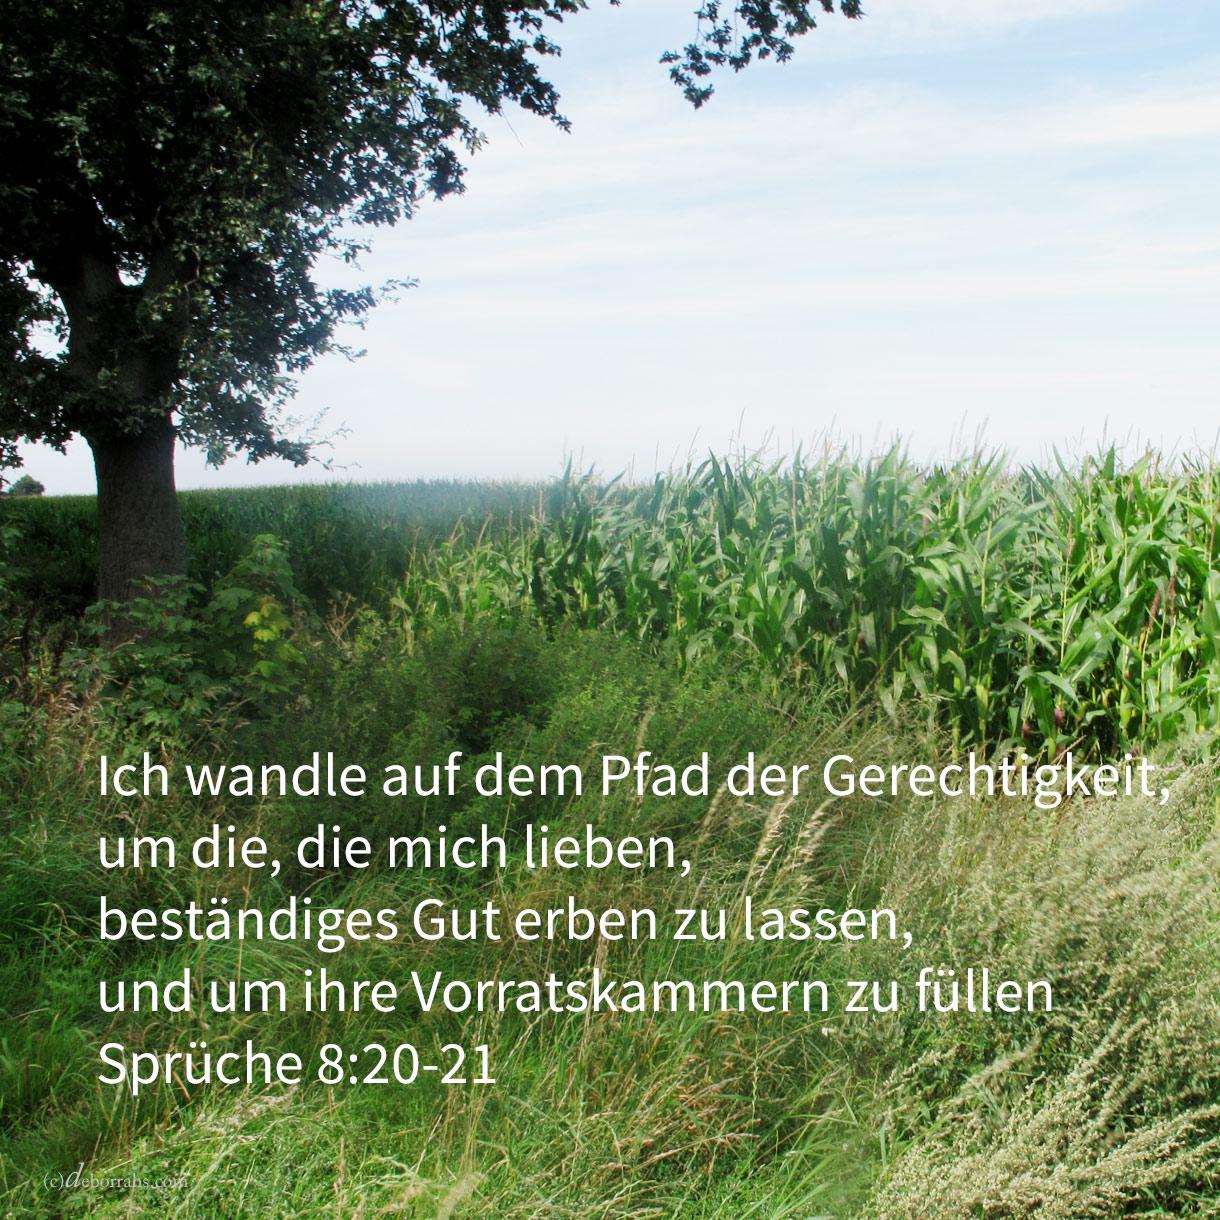 Ich wandle auf dem Pfade der Gerechtigkeit, mitten auf den Steigen des Rechts; um die, die mich lieben, beständiges Gut erben zu lassen, und um ihre Vorratskammern zu füllen ( Sprüche 8,20-21)